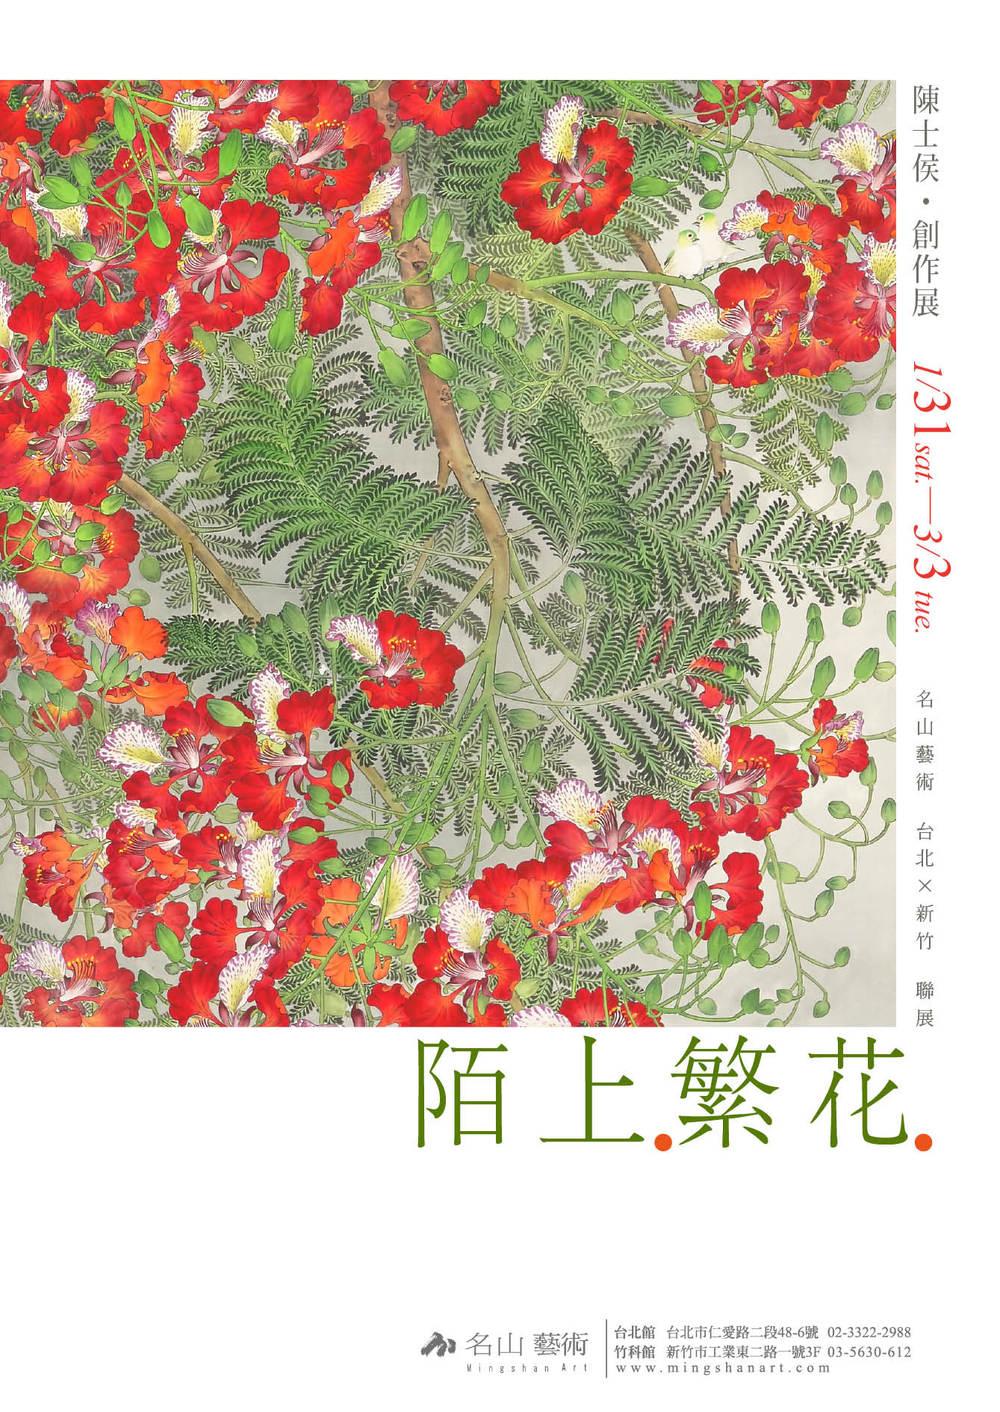 陳士侯雜誌稿-藝術家.jpg